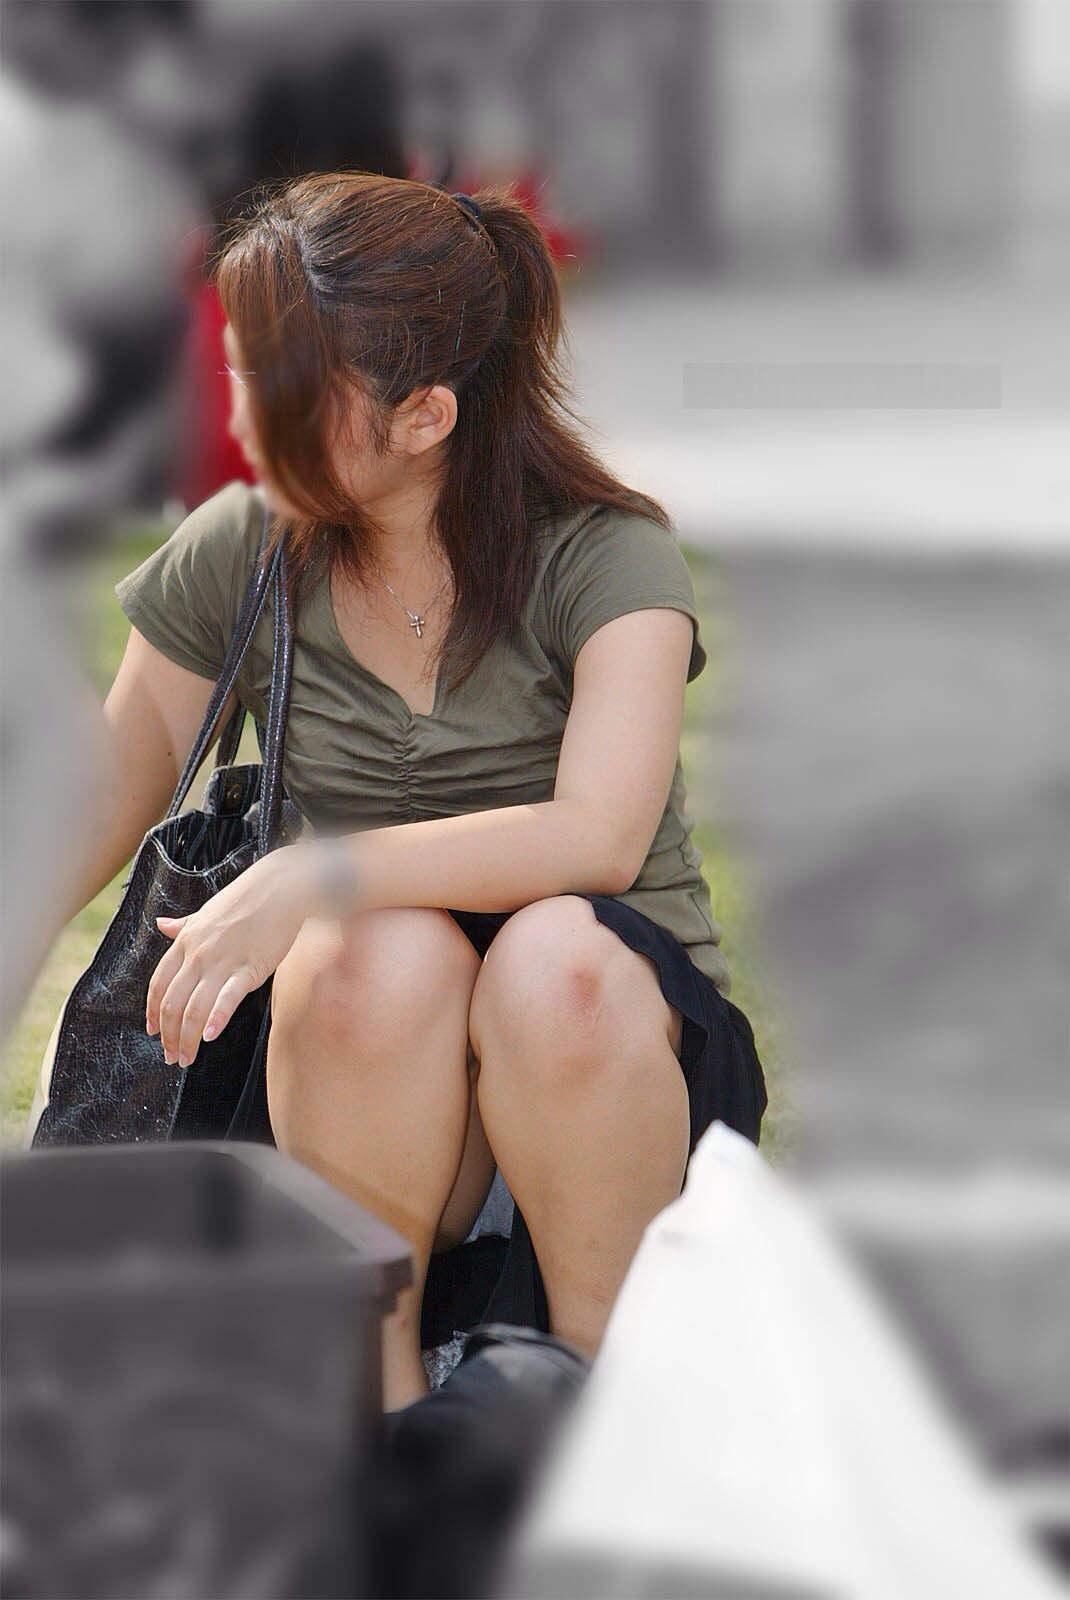 公園でのパンチラ率高すぎーwww可愛いお姉さんのパンツ見放題!!! 2456